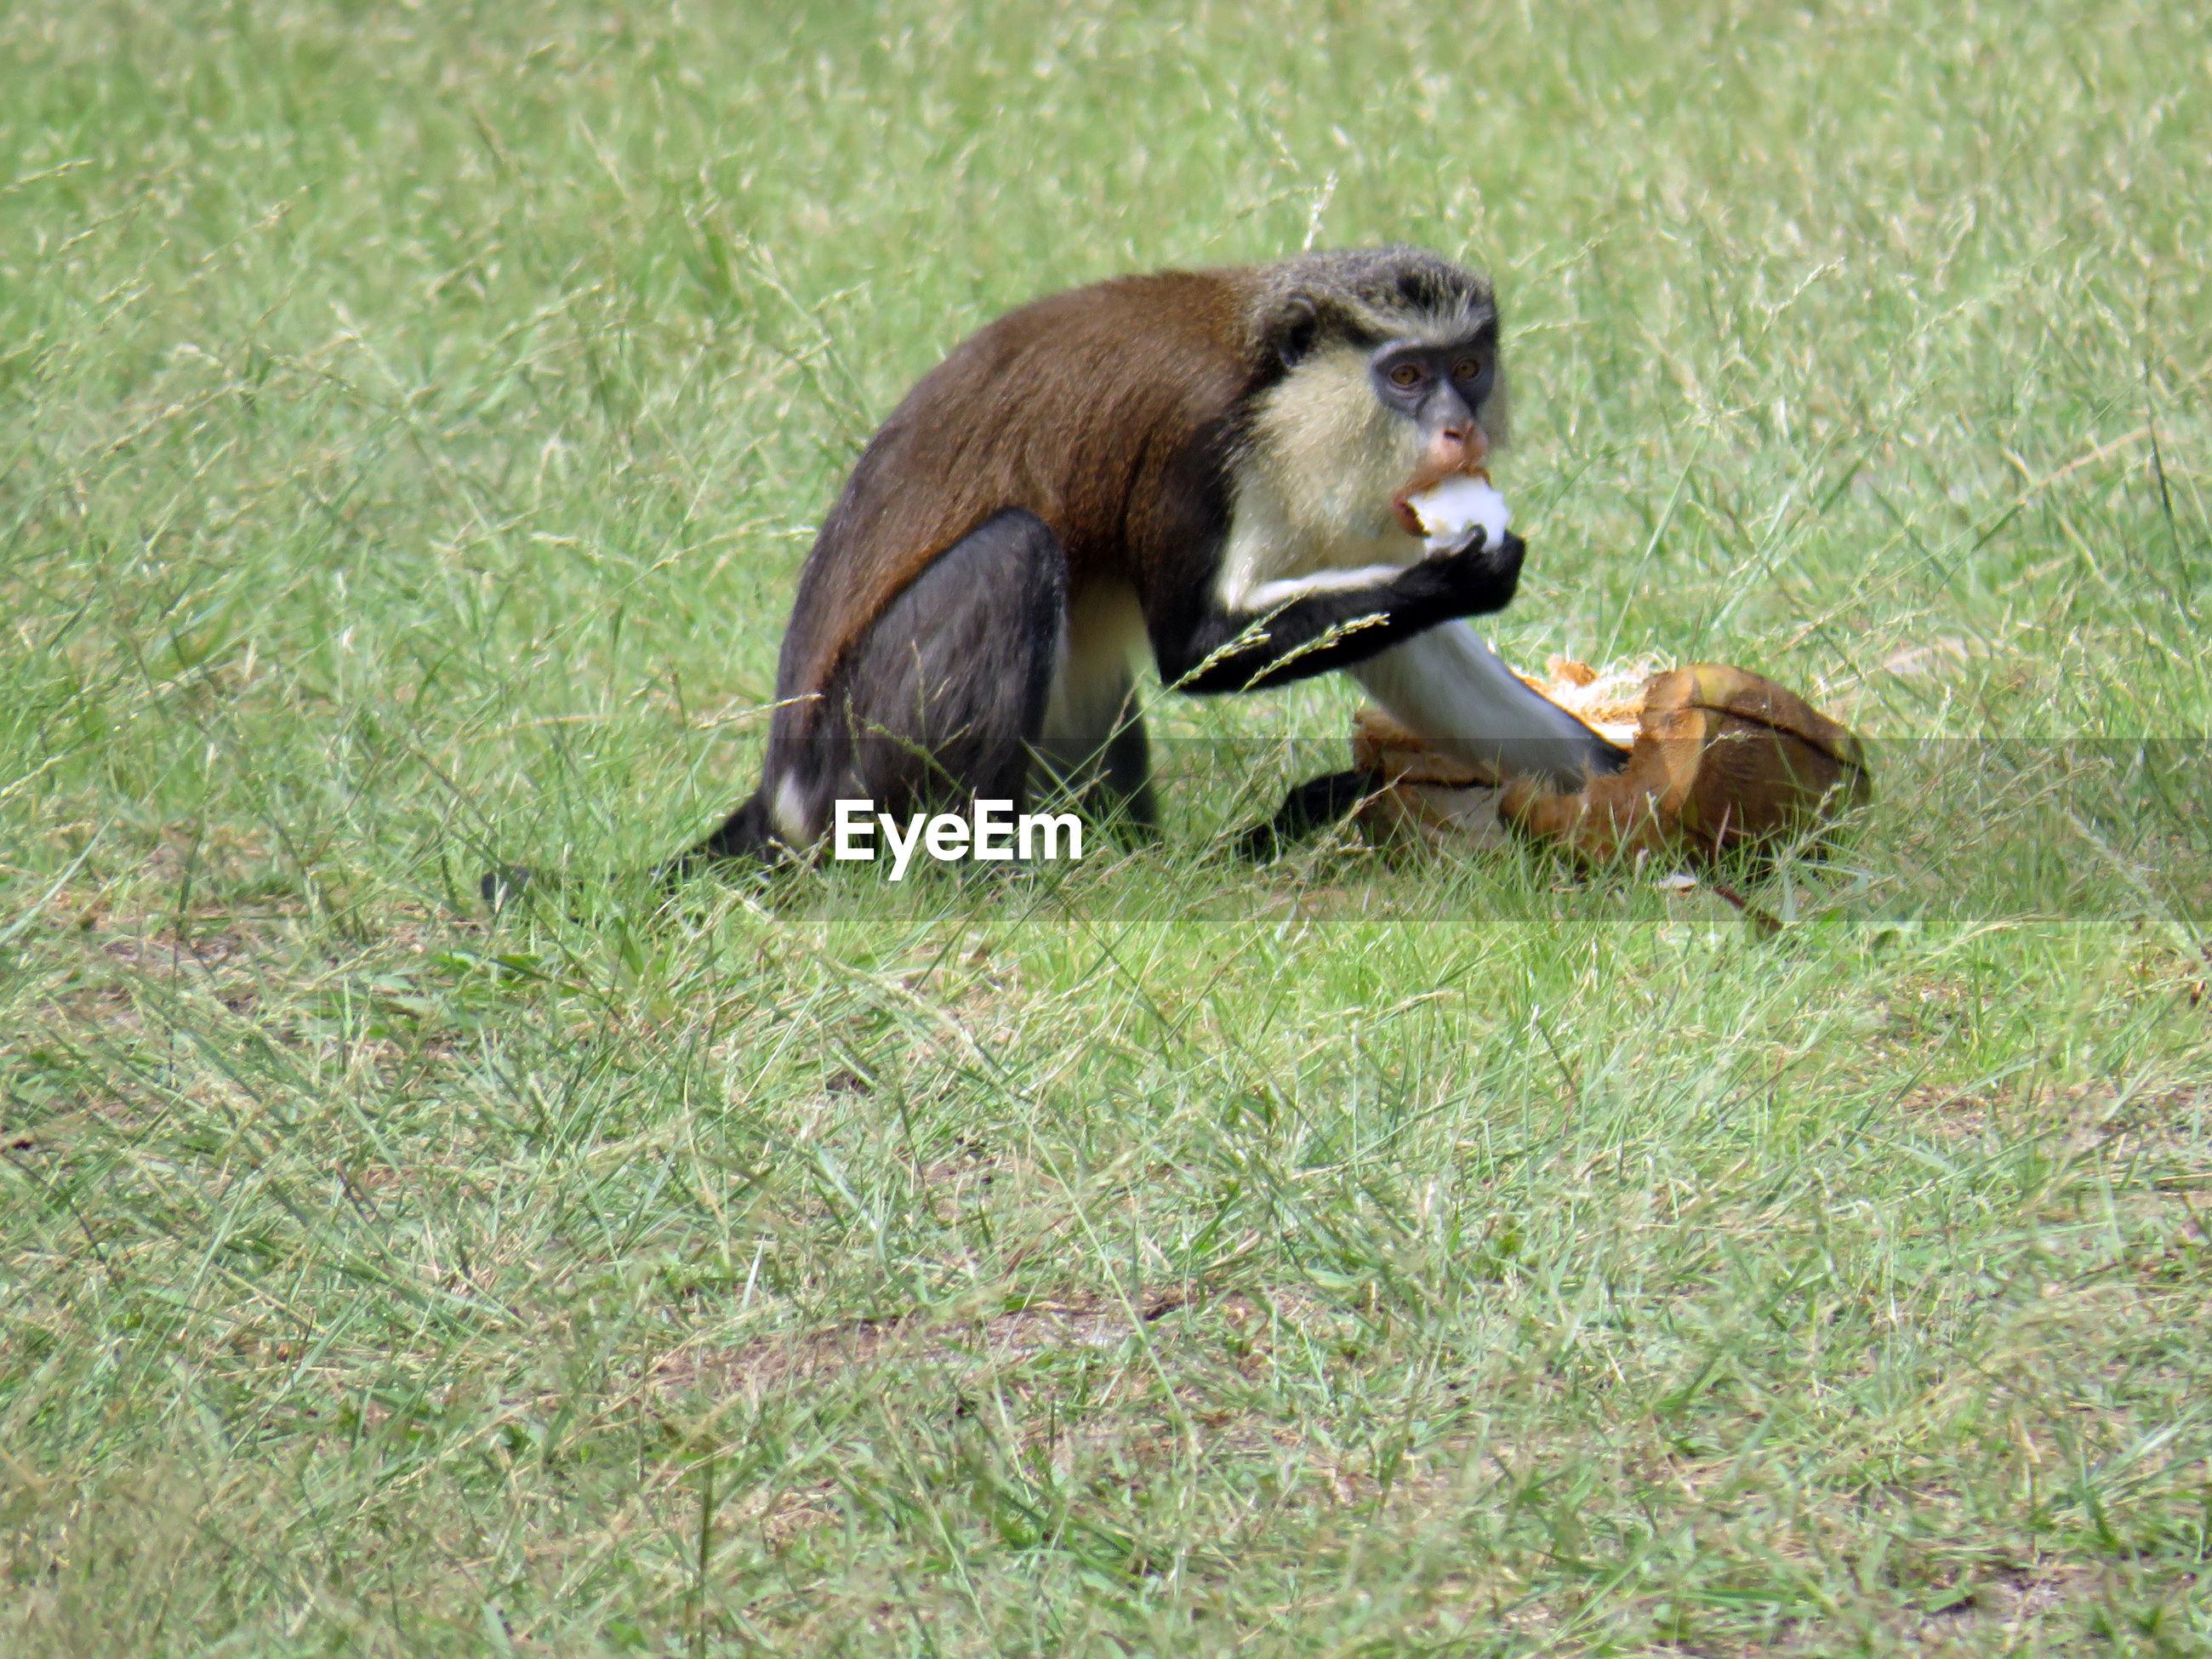 Monkey sitting on field